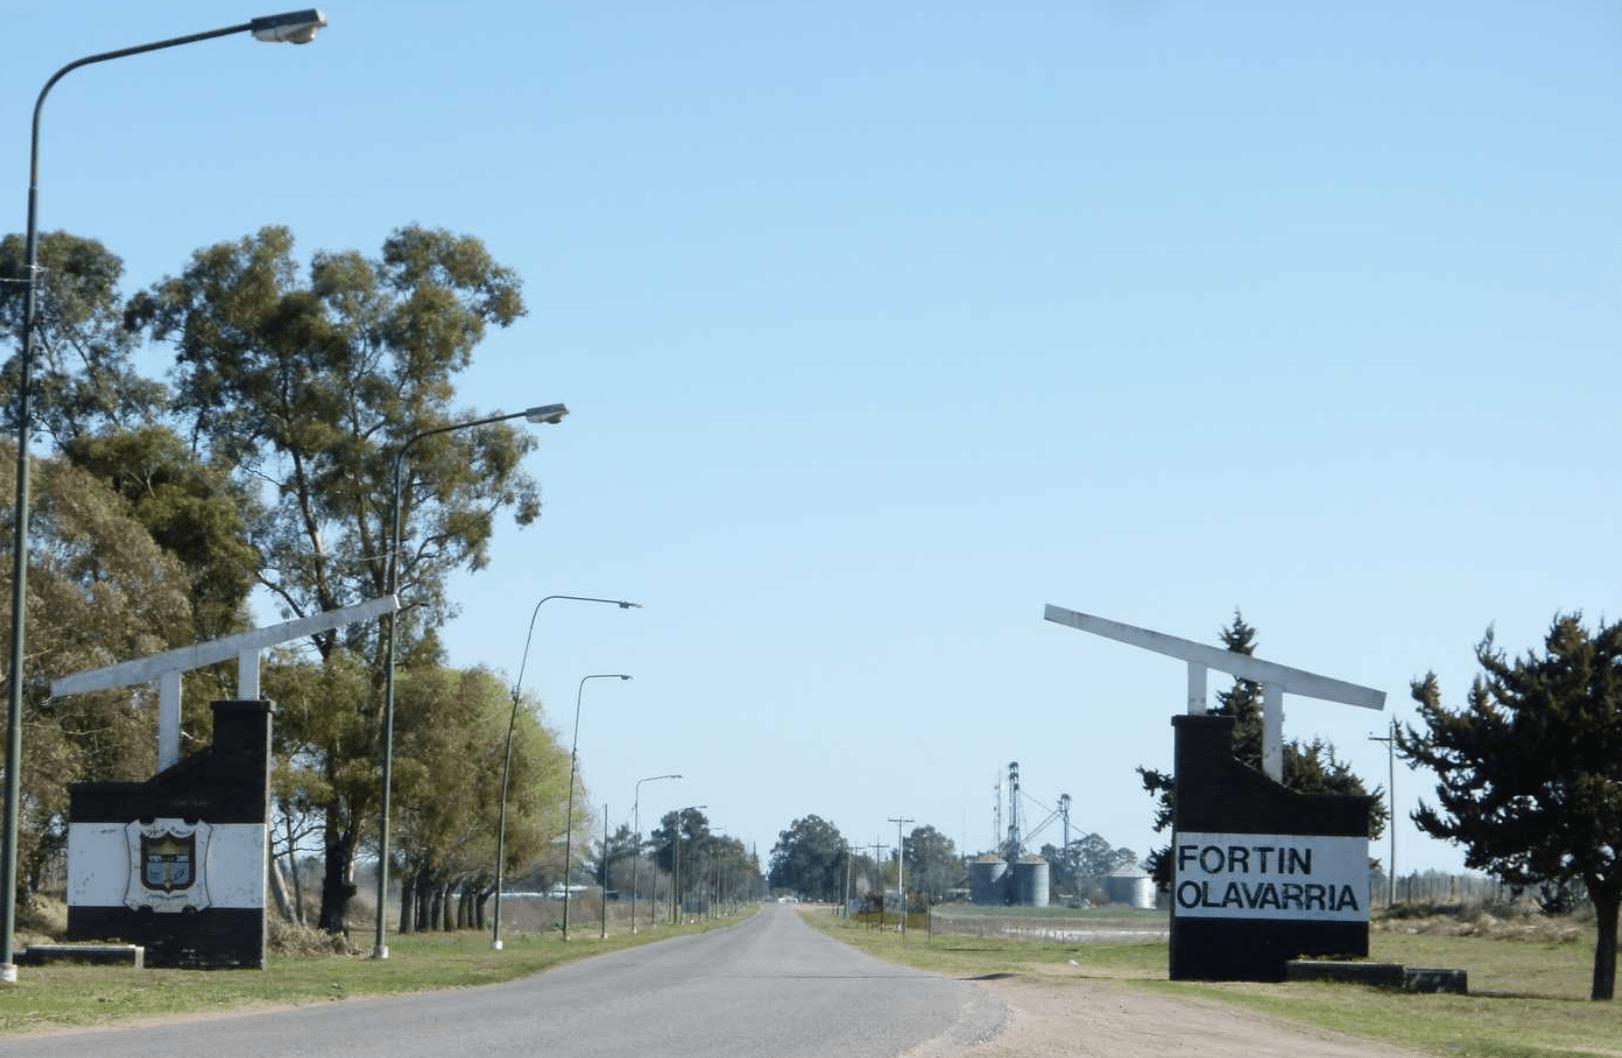 APREHENDIERON A UN JOVEN DE 18 Y A UNA MUJER DE 54 POR EL CASO DE ABUSO EN FORTÍN OLAVARRÍA